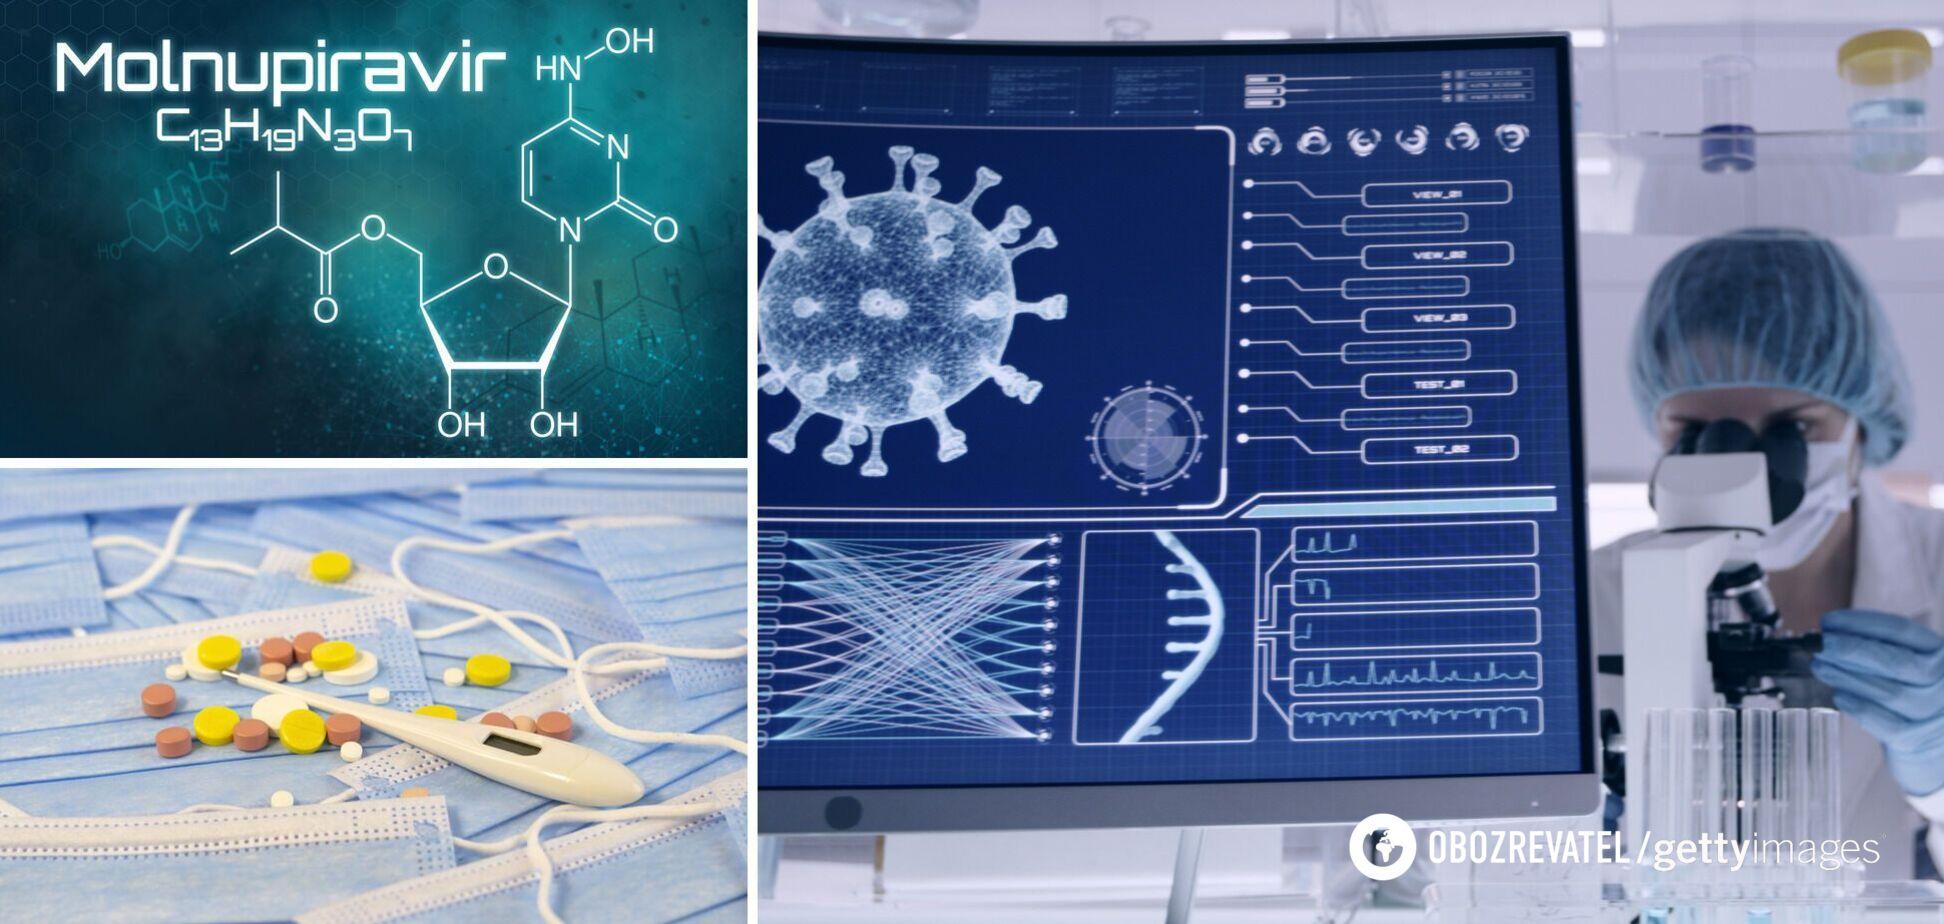 Ученые заявили о прорыве в лечении COVID-19 экспериментальным препаратом